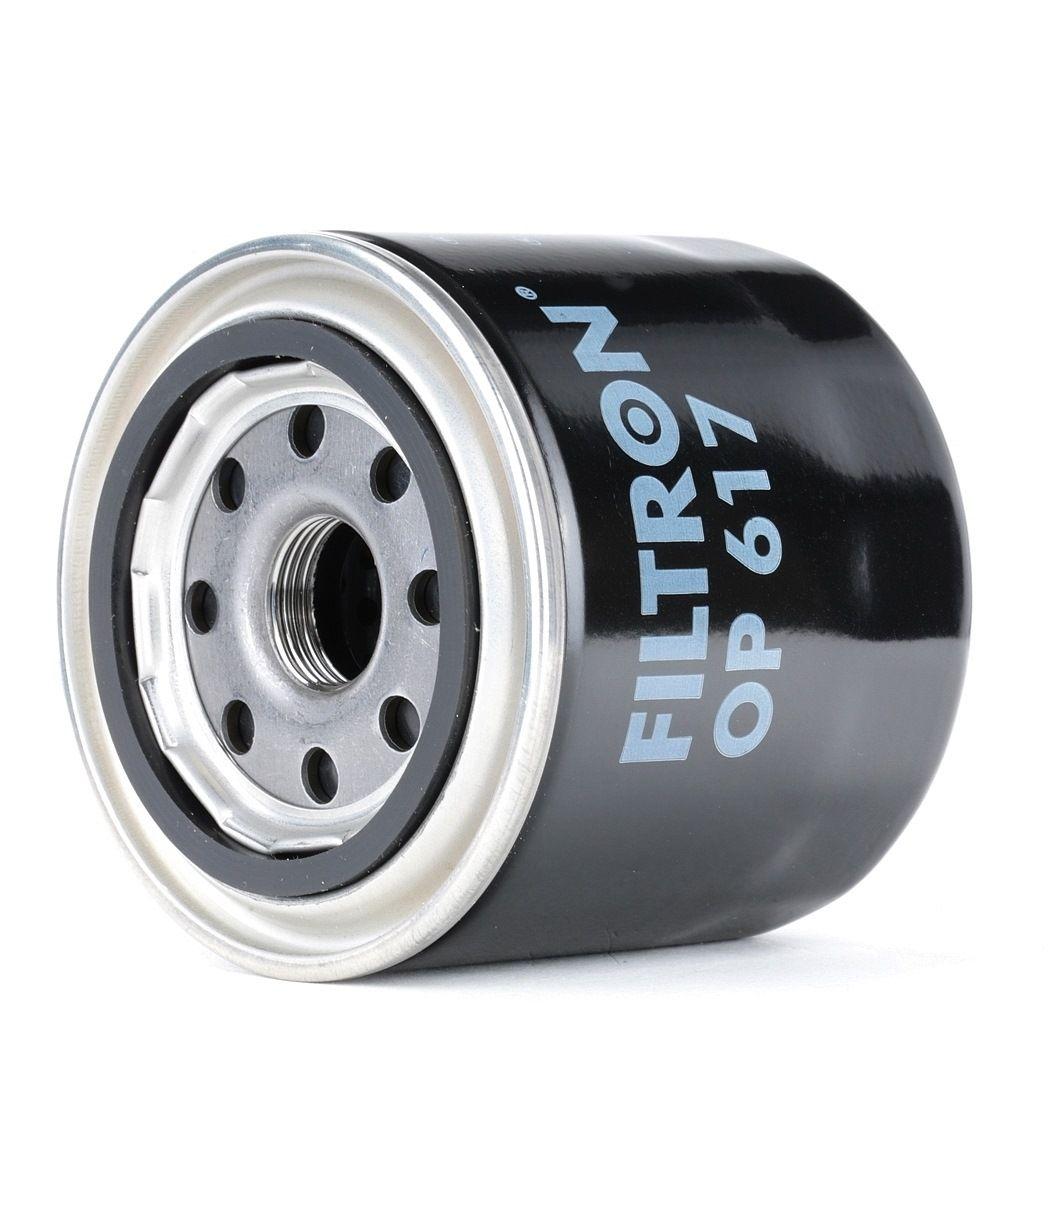 OP 617 FILTRON Anschraubfilter Innendurchmesser 2: 63mm, Innendurchmesser 2: 55mm, Ø: 83mm, Höhe: 75mm Ölfilter OP 617 günstig kaufen